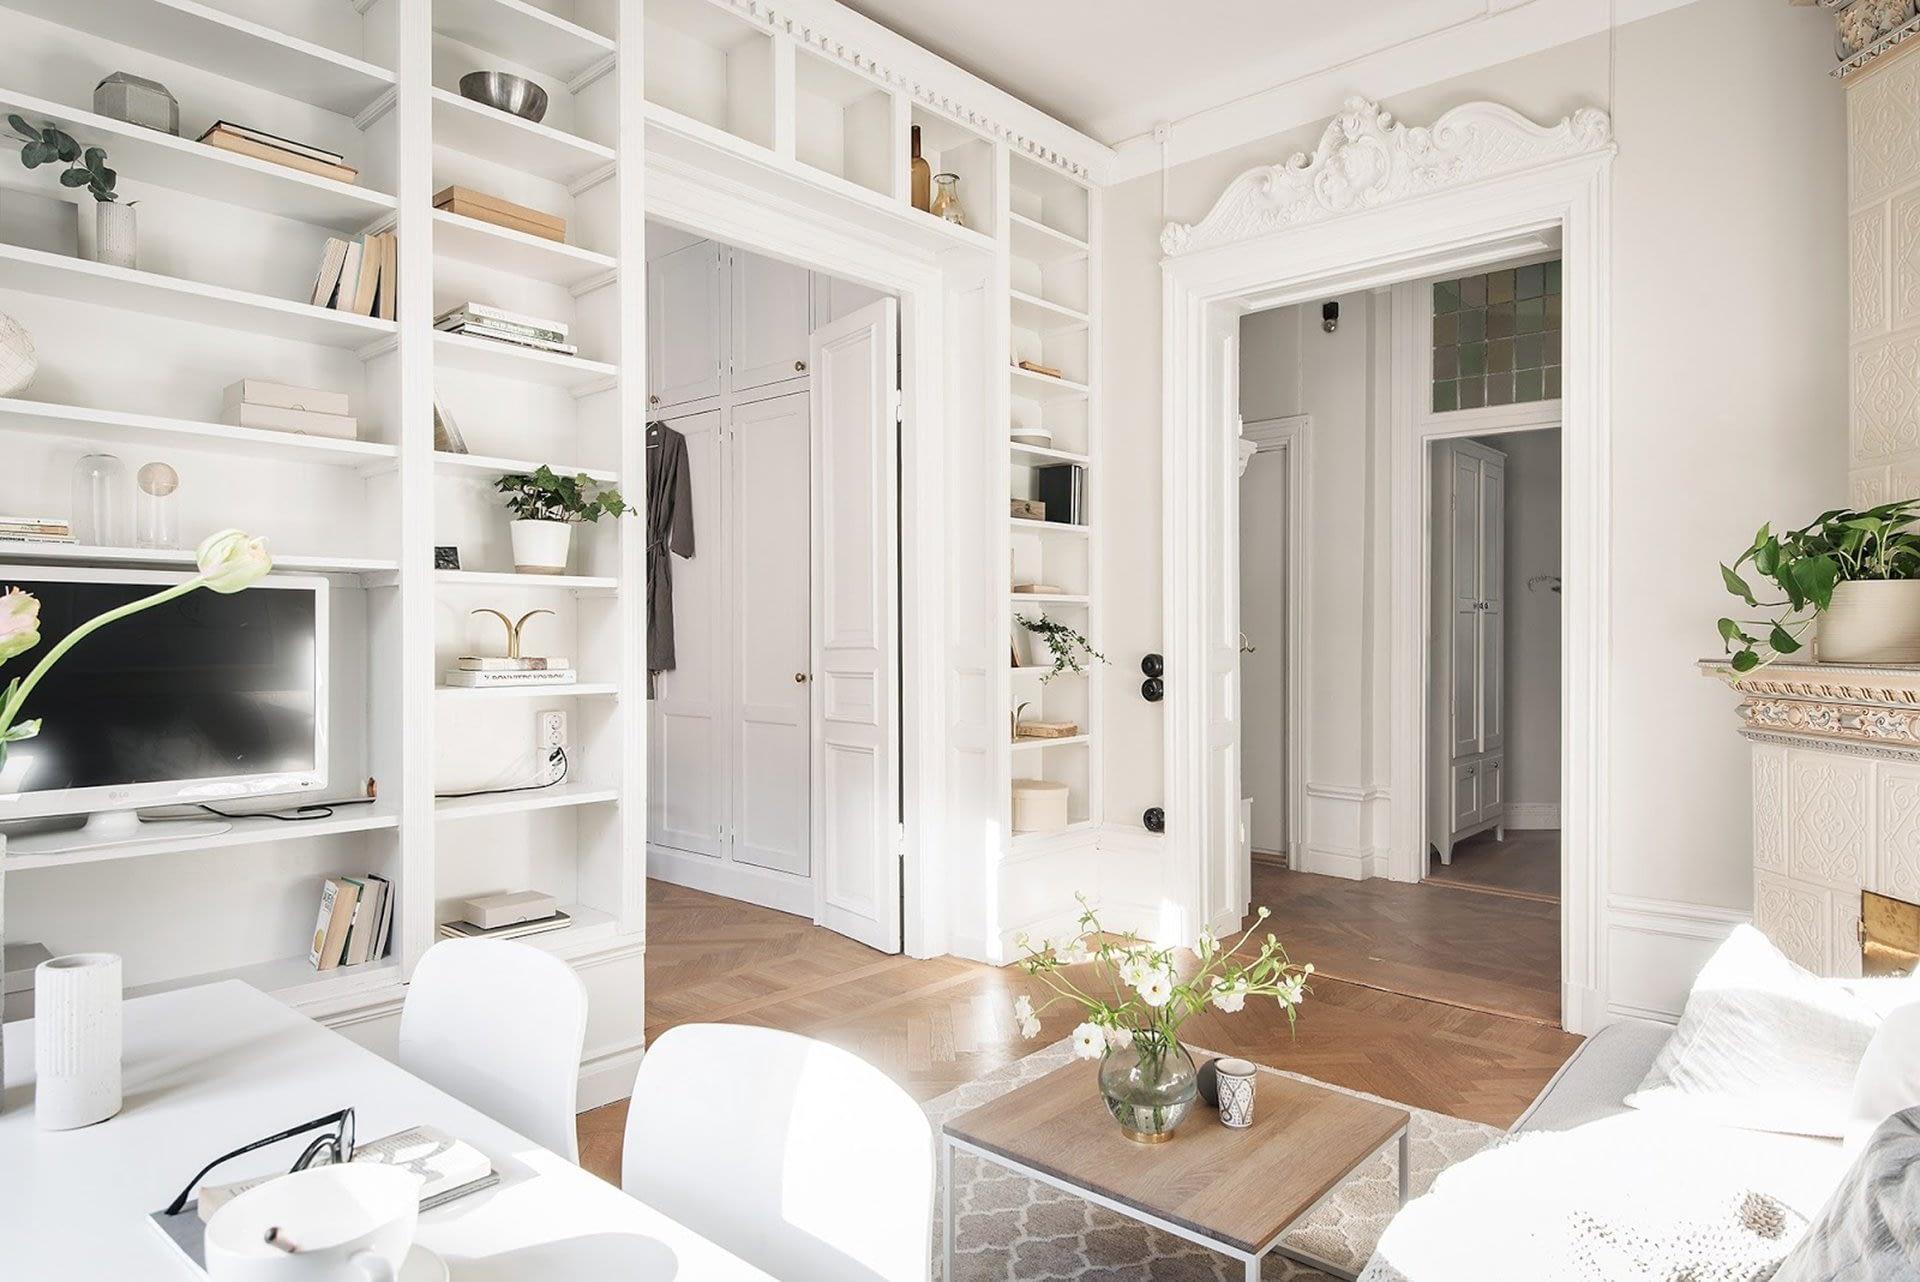 Amenajare scandinava in tonuri naturale de culoare intr-un apartament de 43 mp. 11